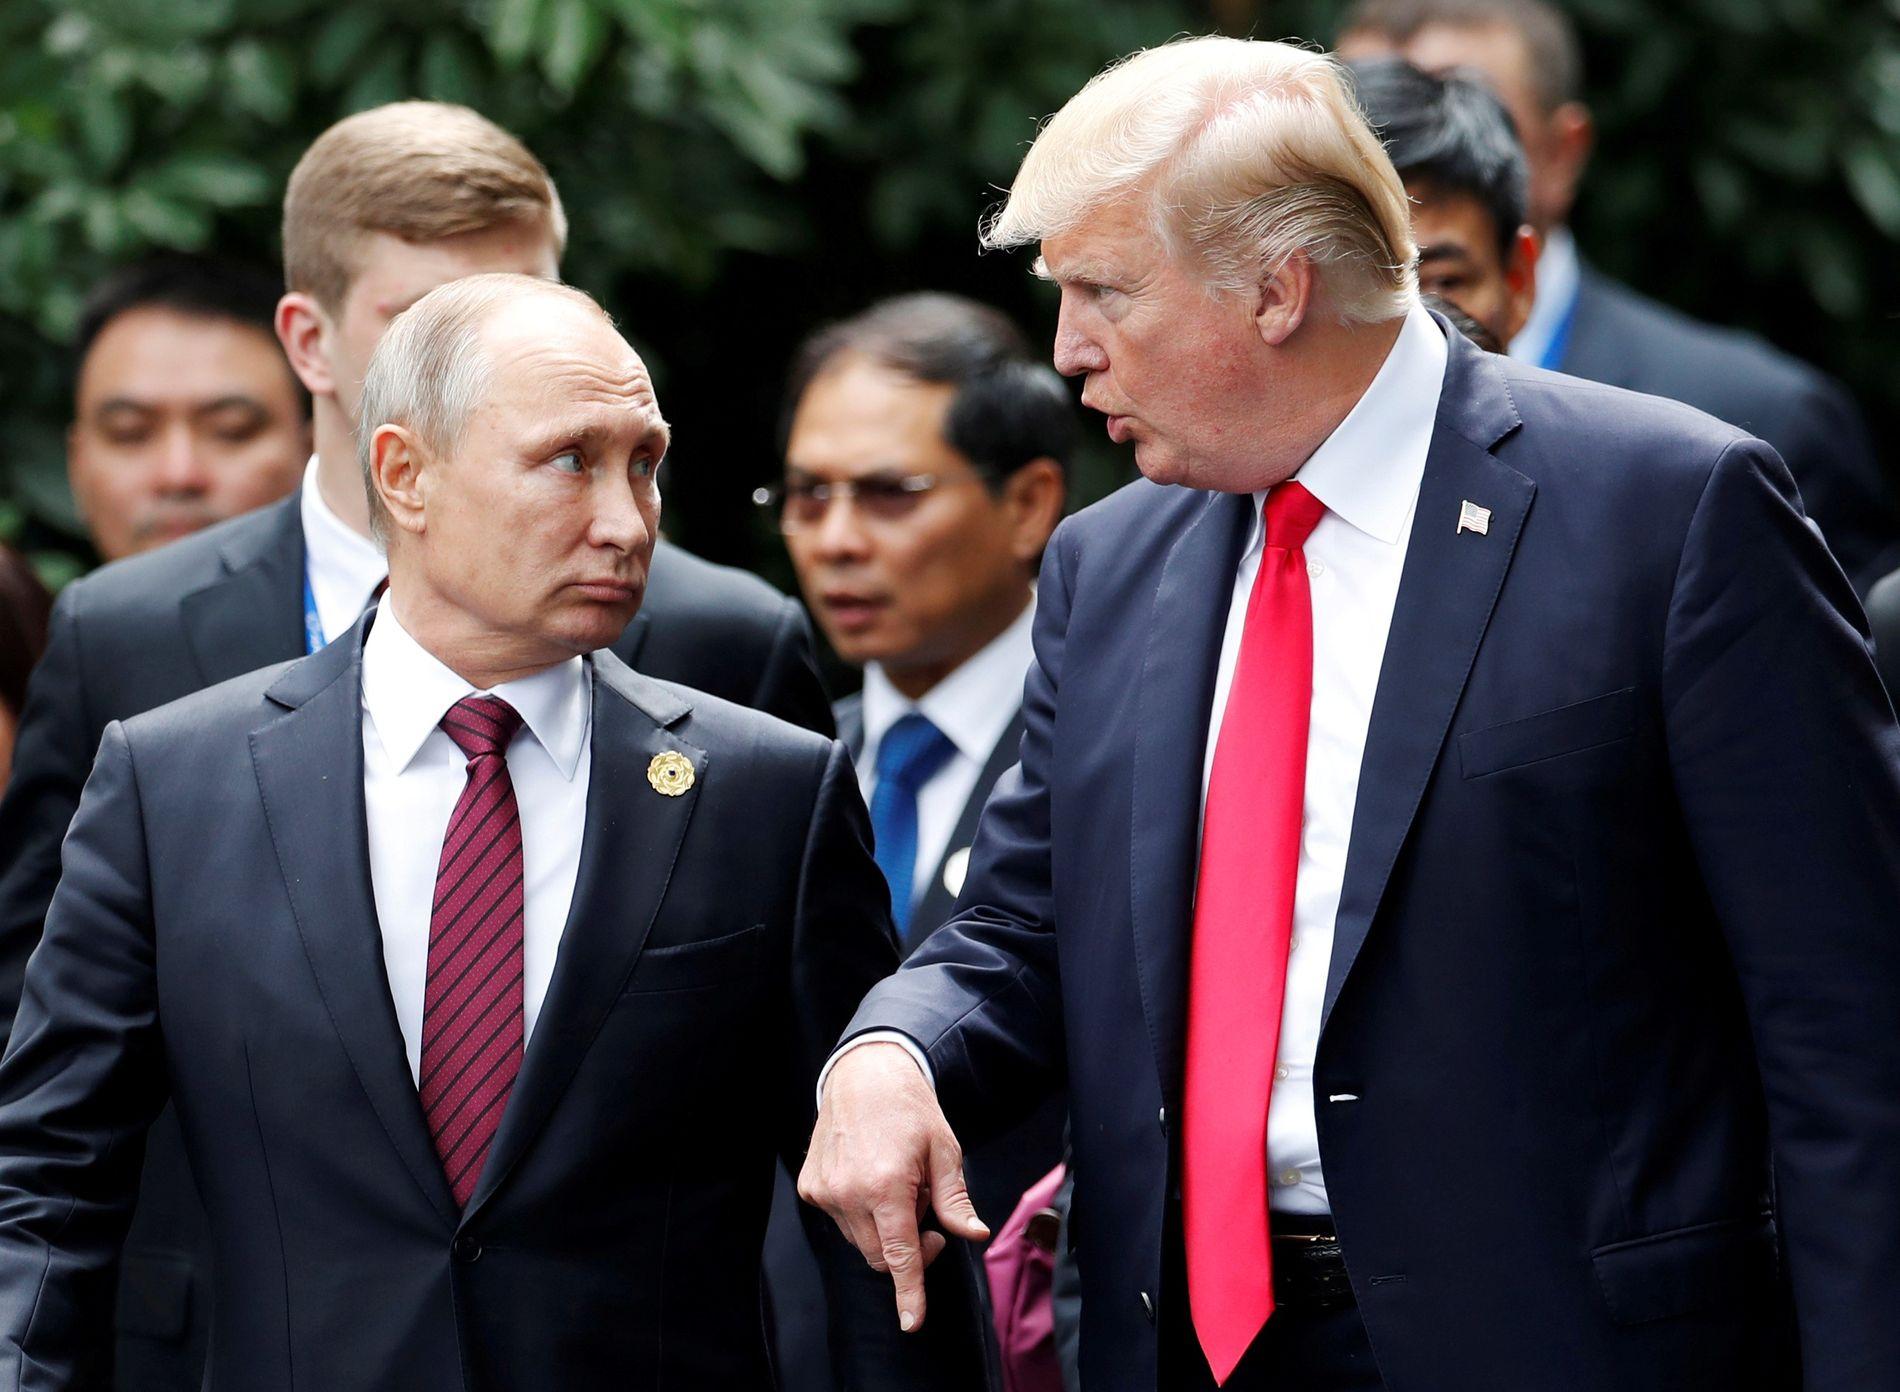 MØTES MANDAG: Donald Trump og Vladimir Putin møtes mandag i Finnland.